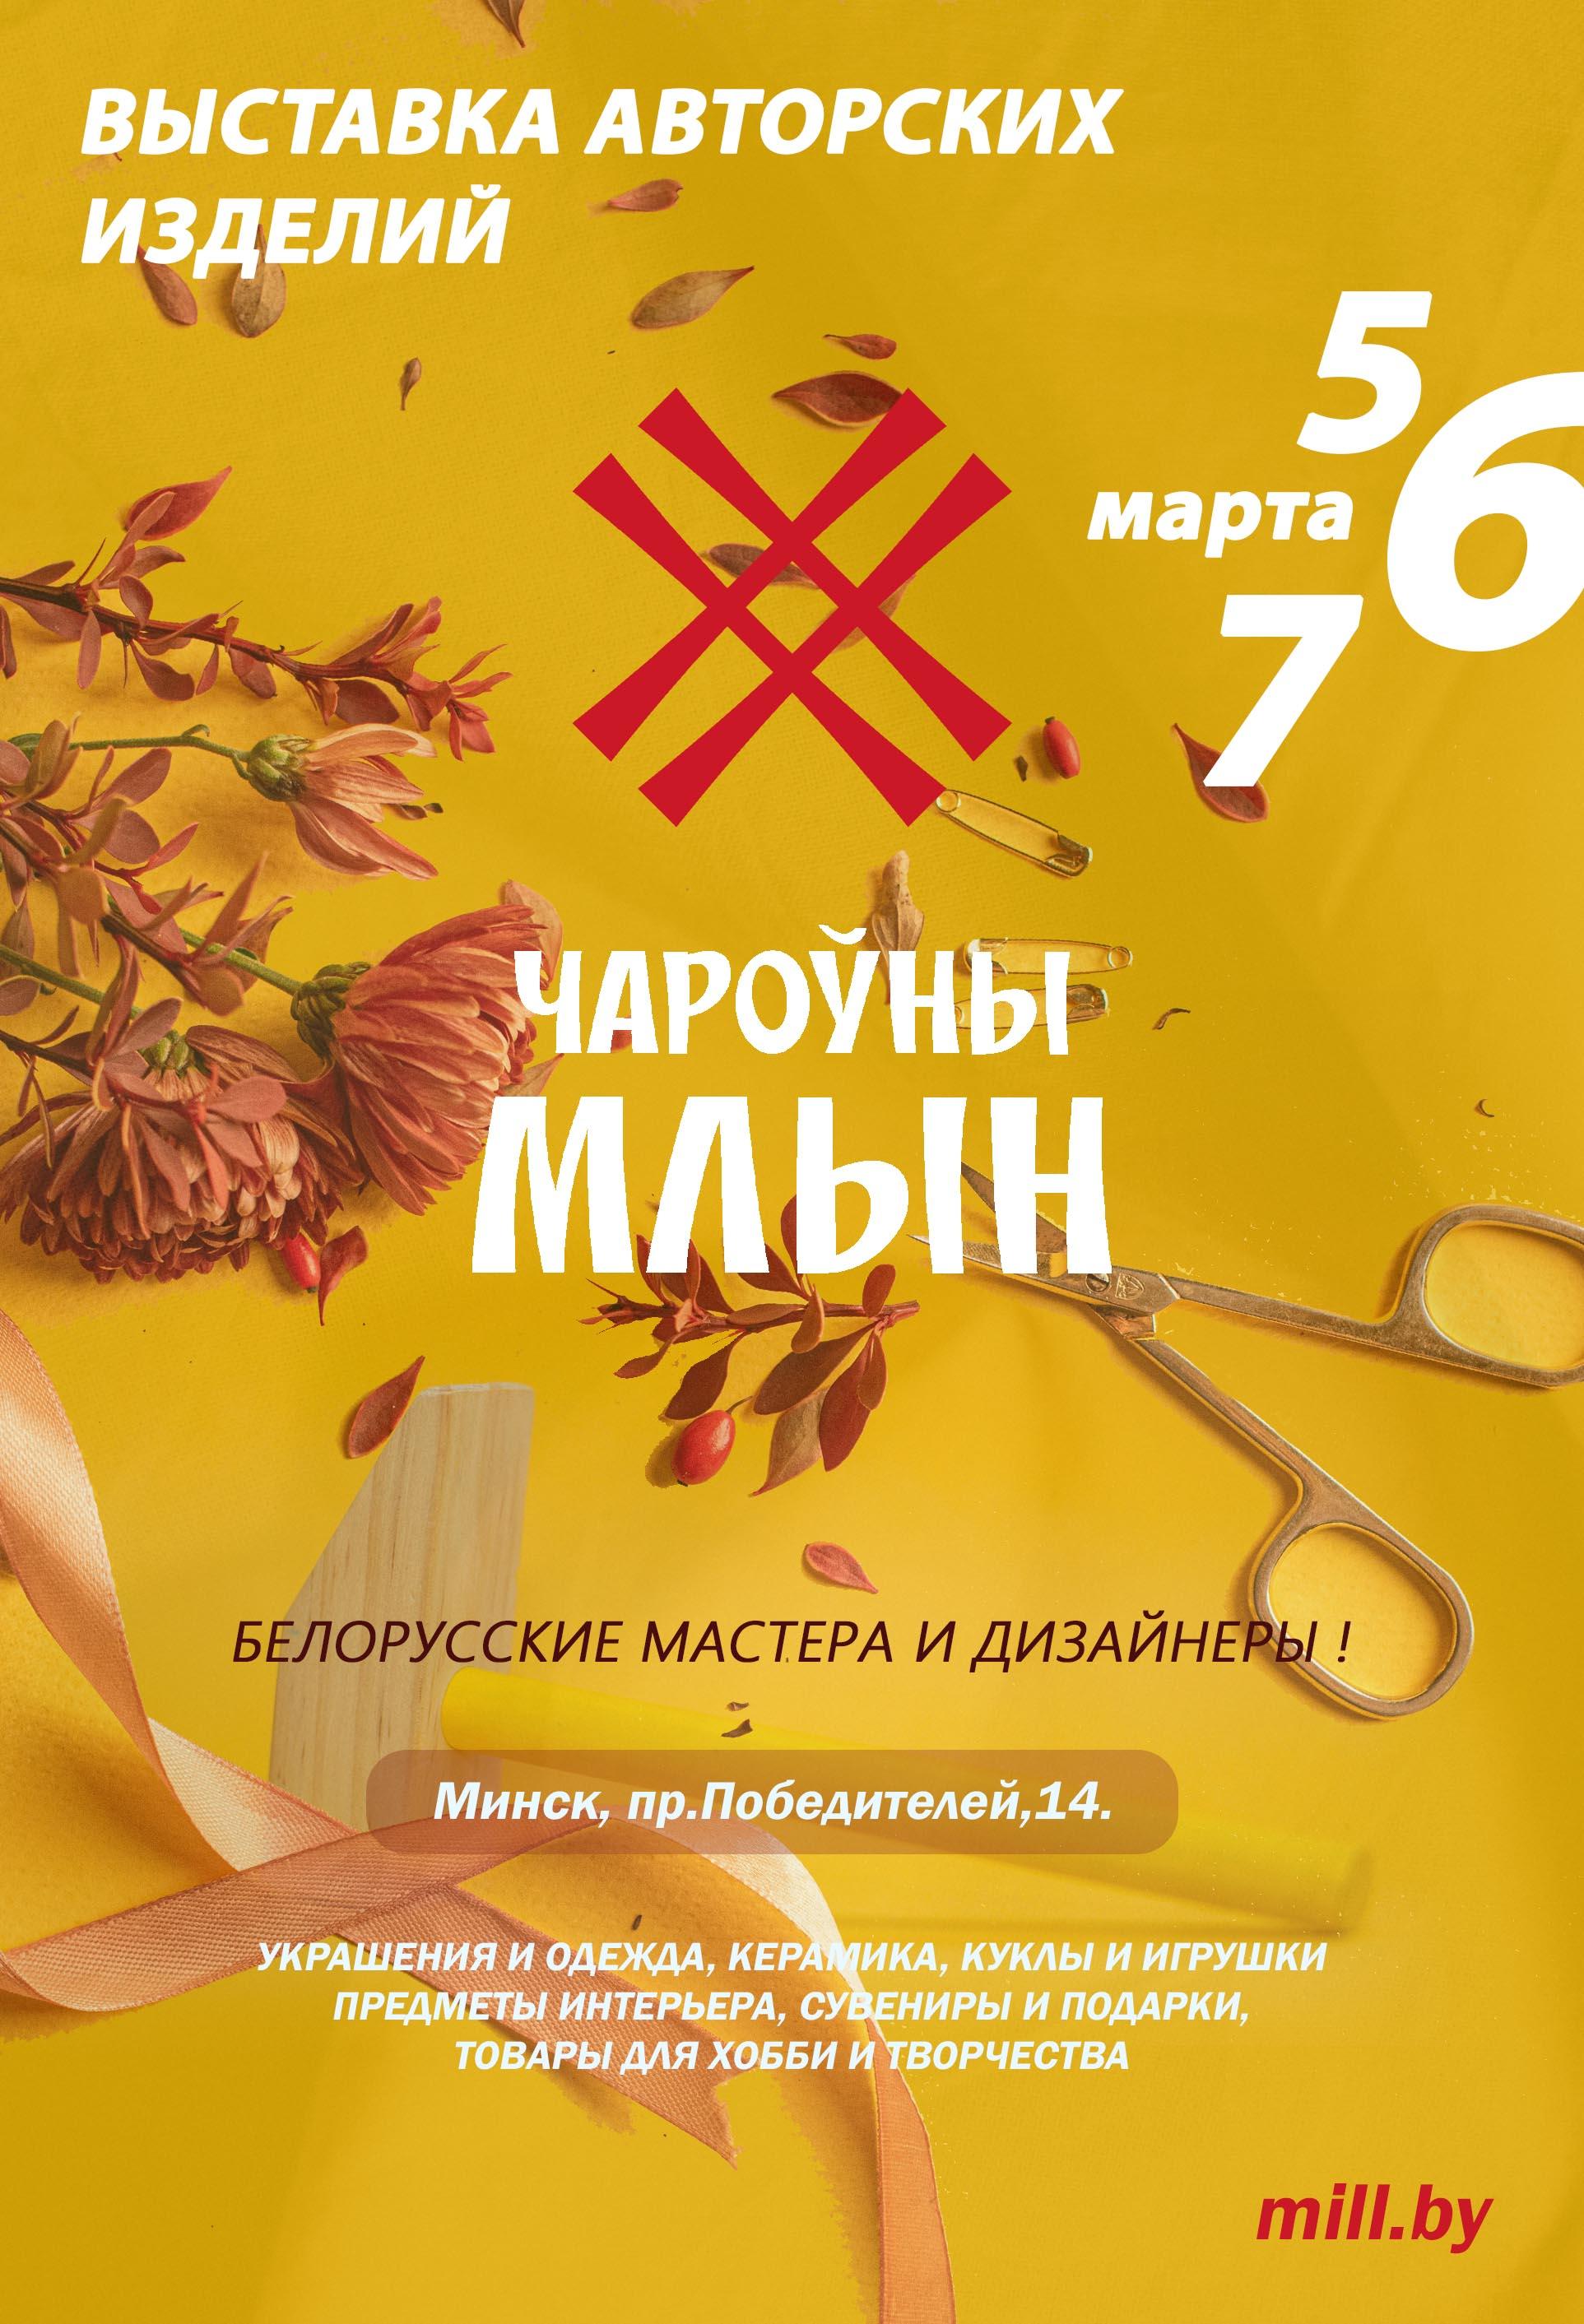 Дизайн-макет афиши выставки ручной работы фото f_4186005e017c56fd.jpg